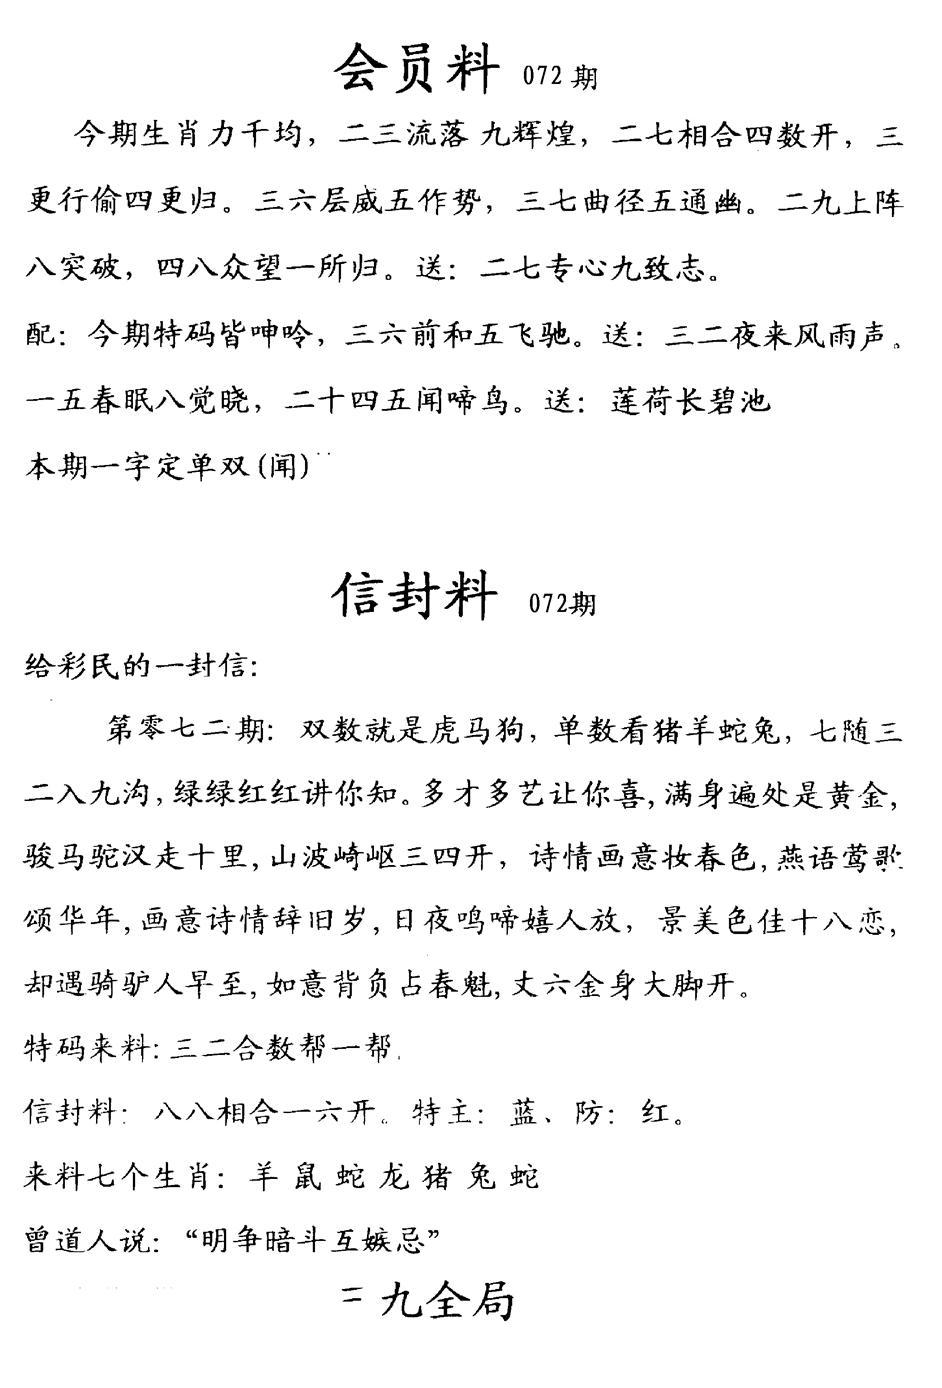 072期彩民信封料(早图)(黑白)